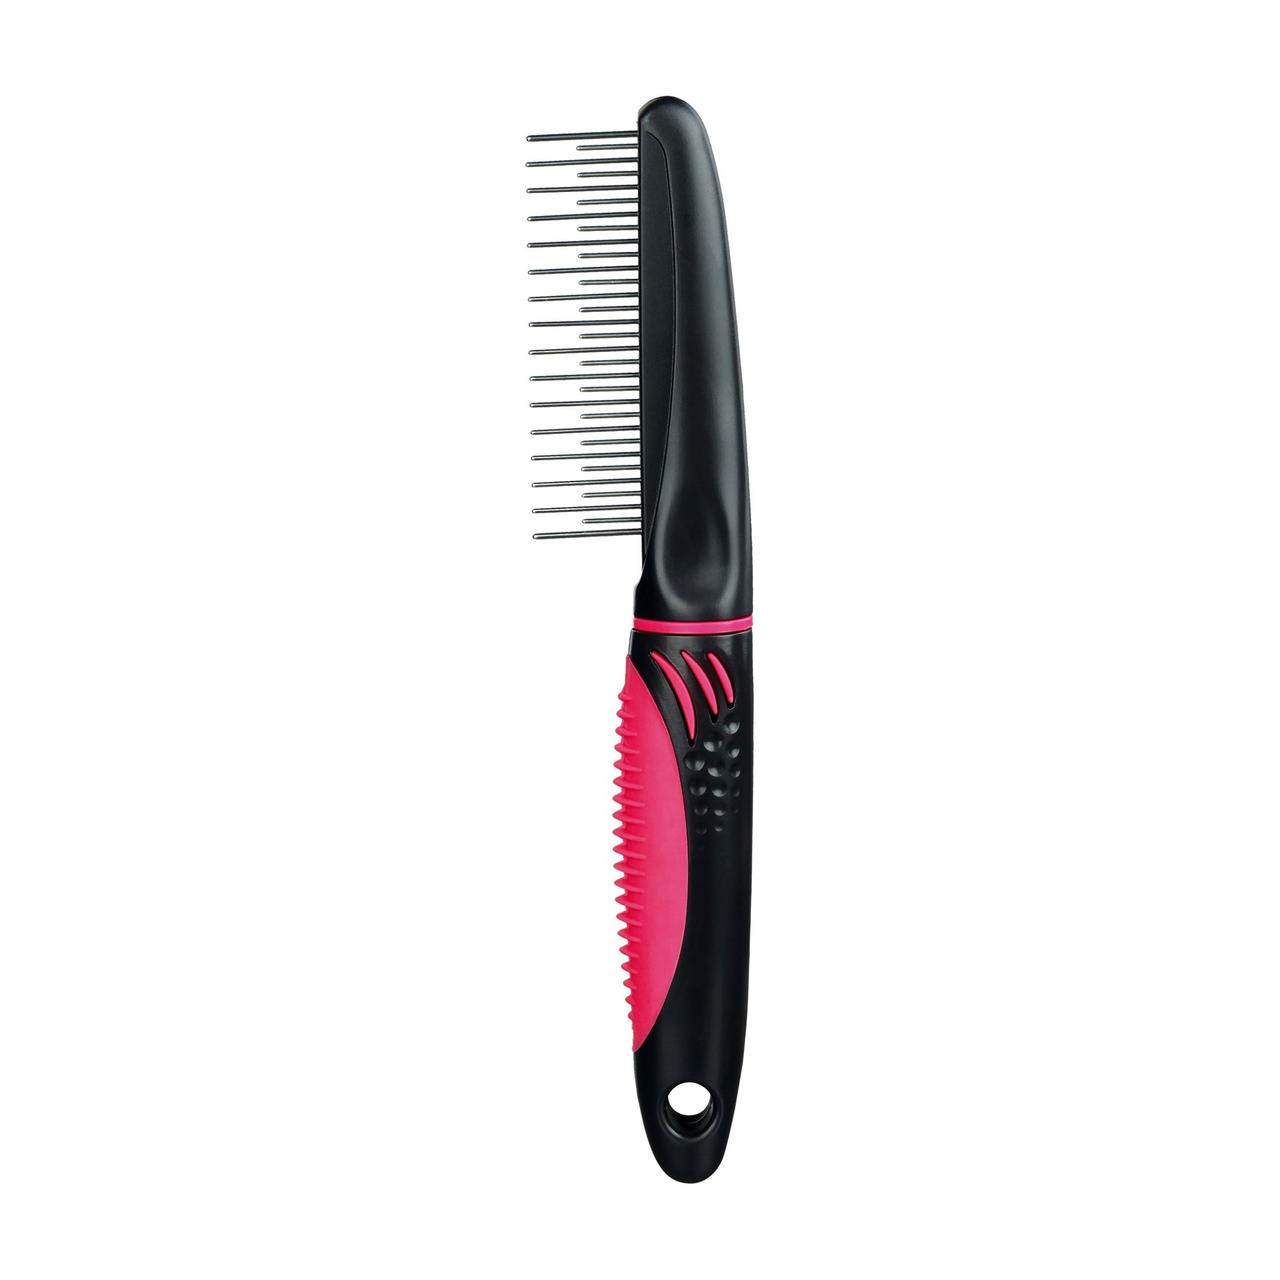 Расчёска Trixie с пластиковой ручкой, коротким и длинным зубом 22 см (с розовой ручкой)